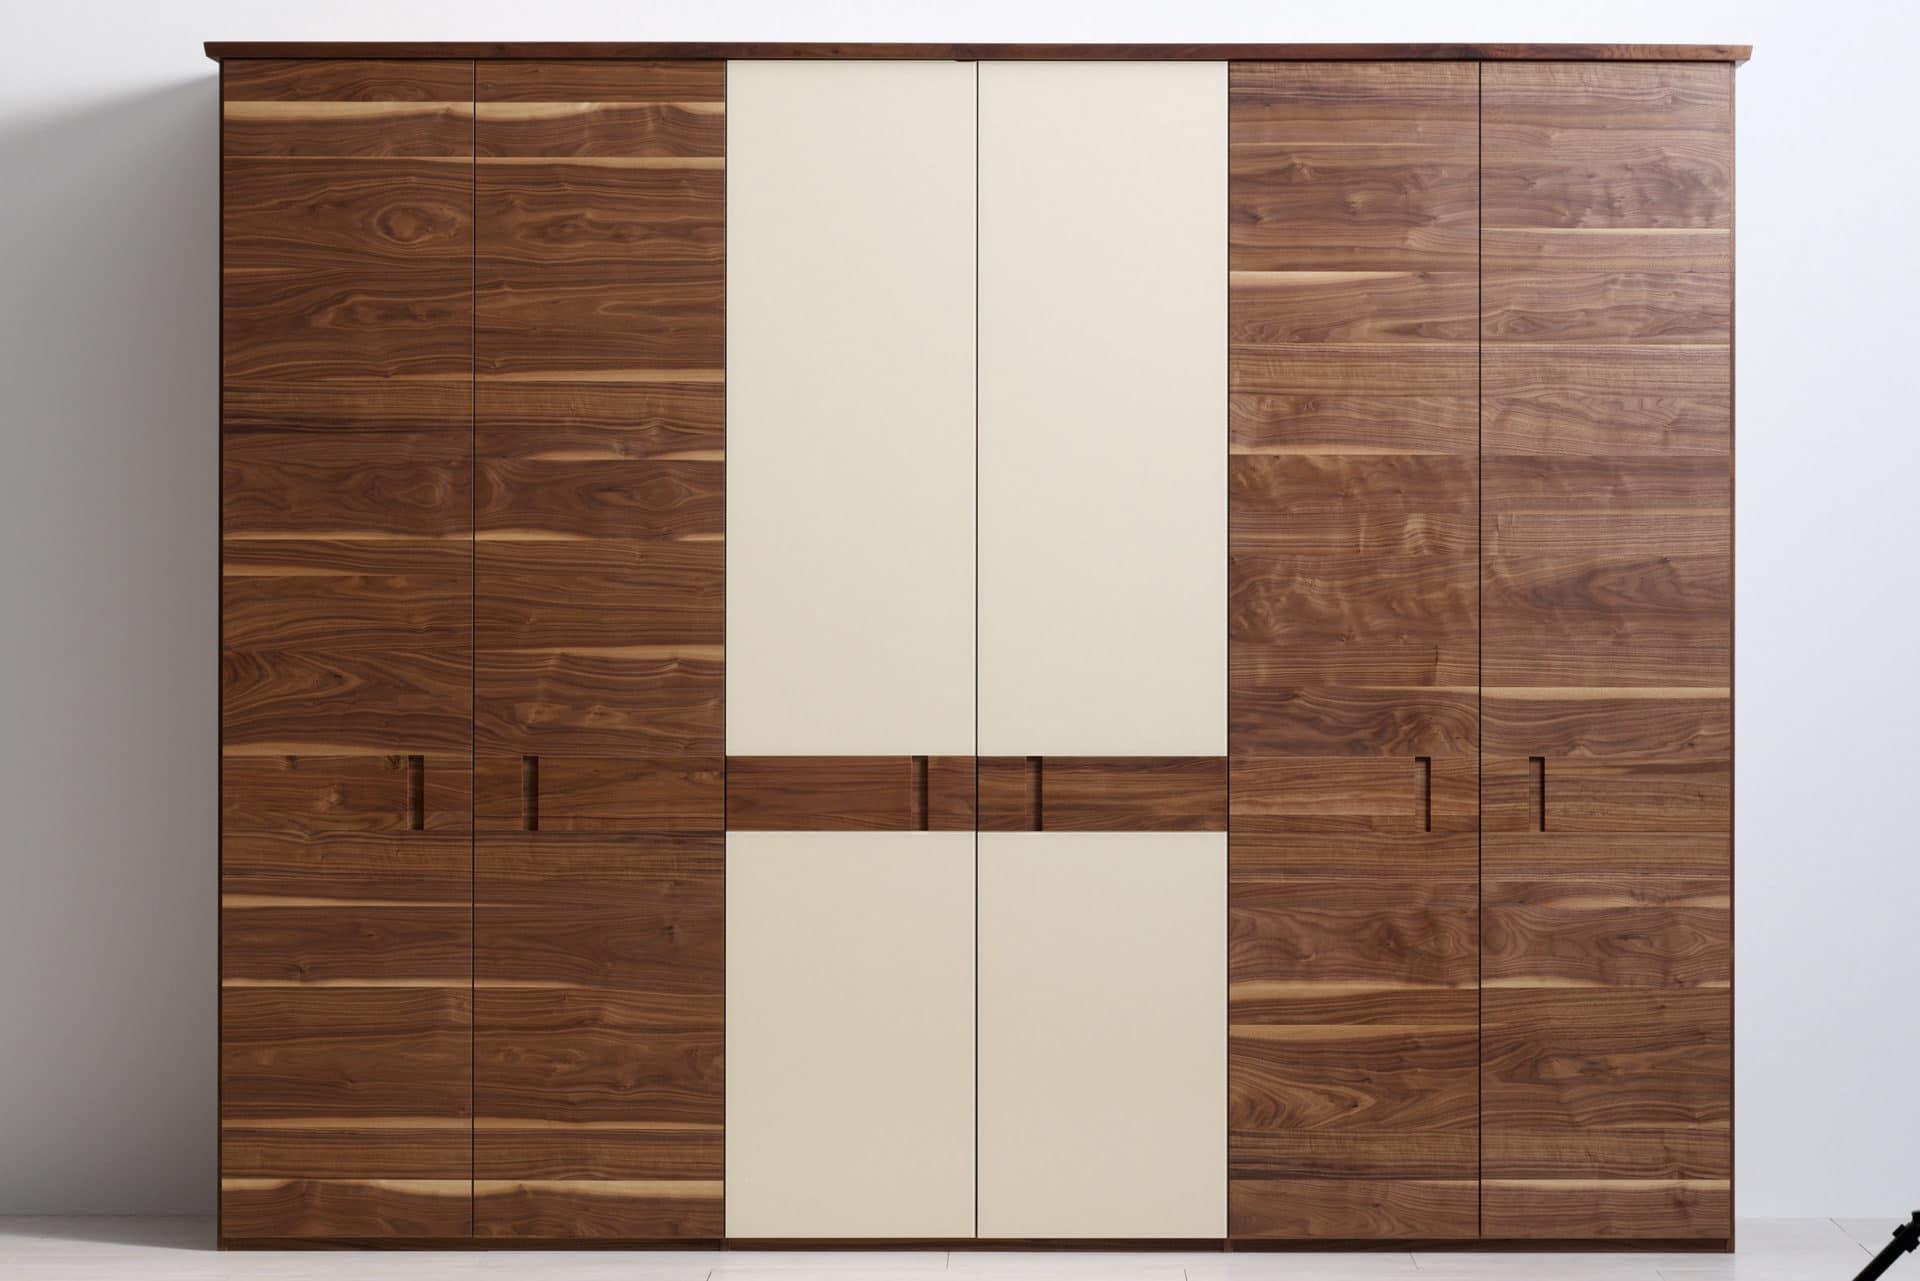 kleiderschrank rio signatura natureinrichtungshaus in neumarkt. Black Bedroom Furniture Sets. Home Design Ideas